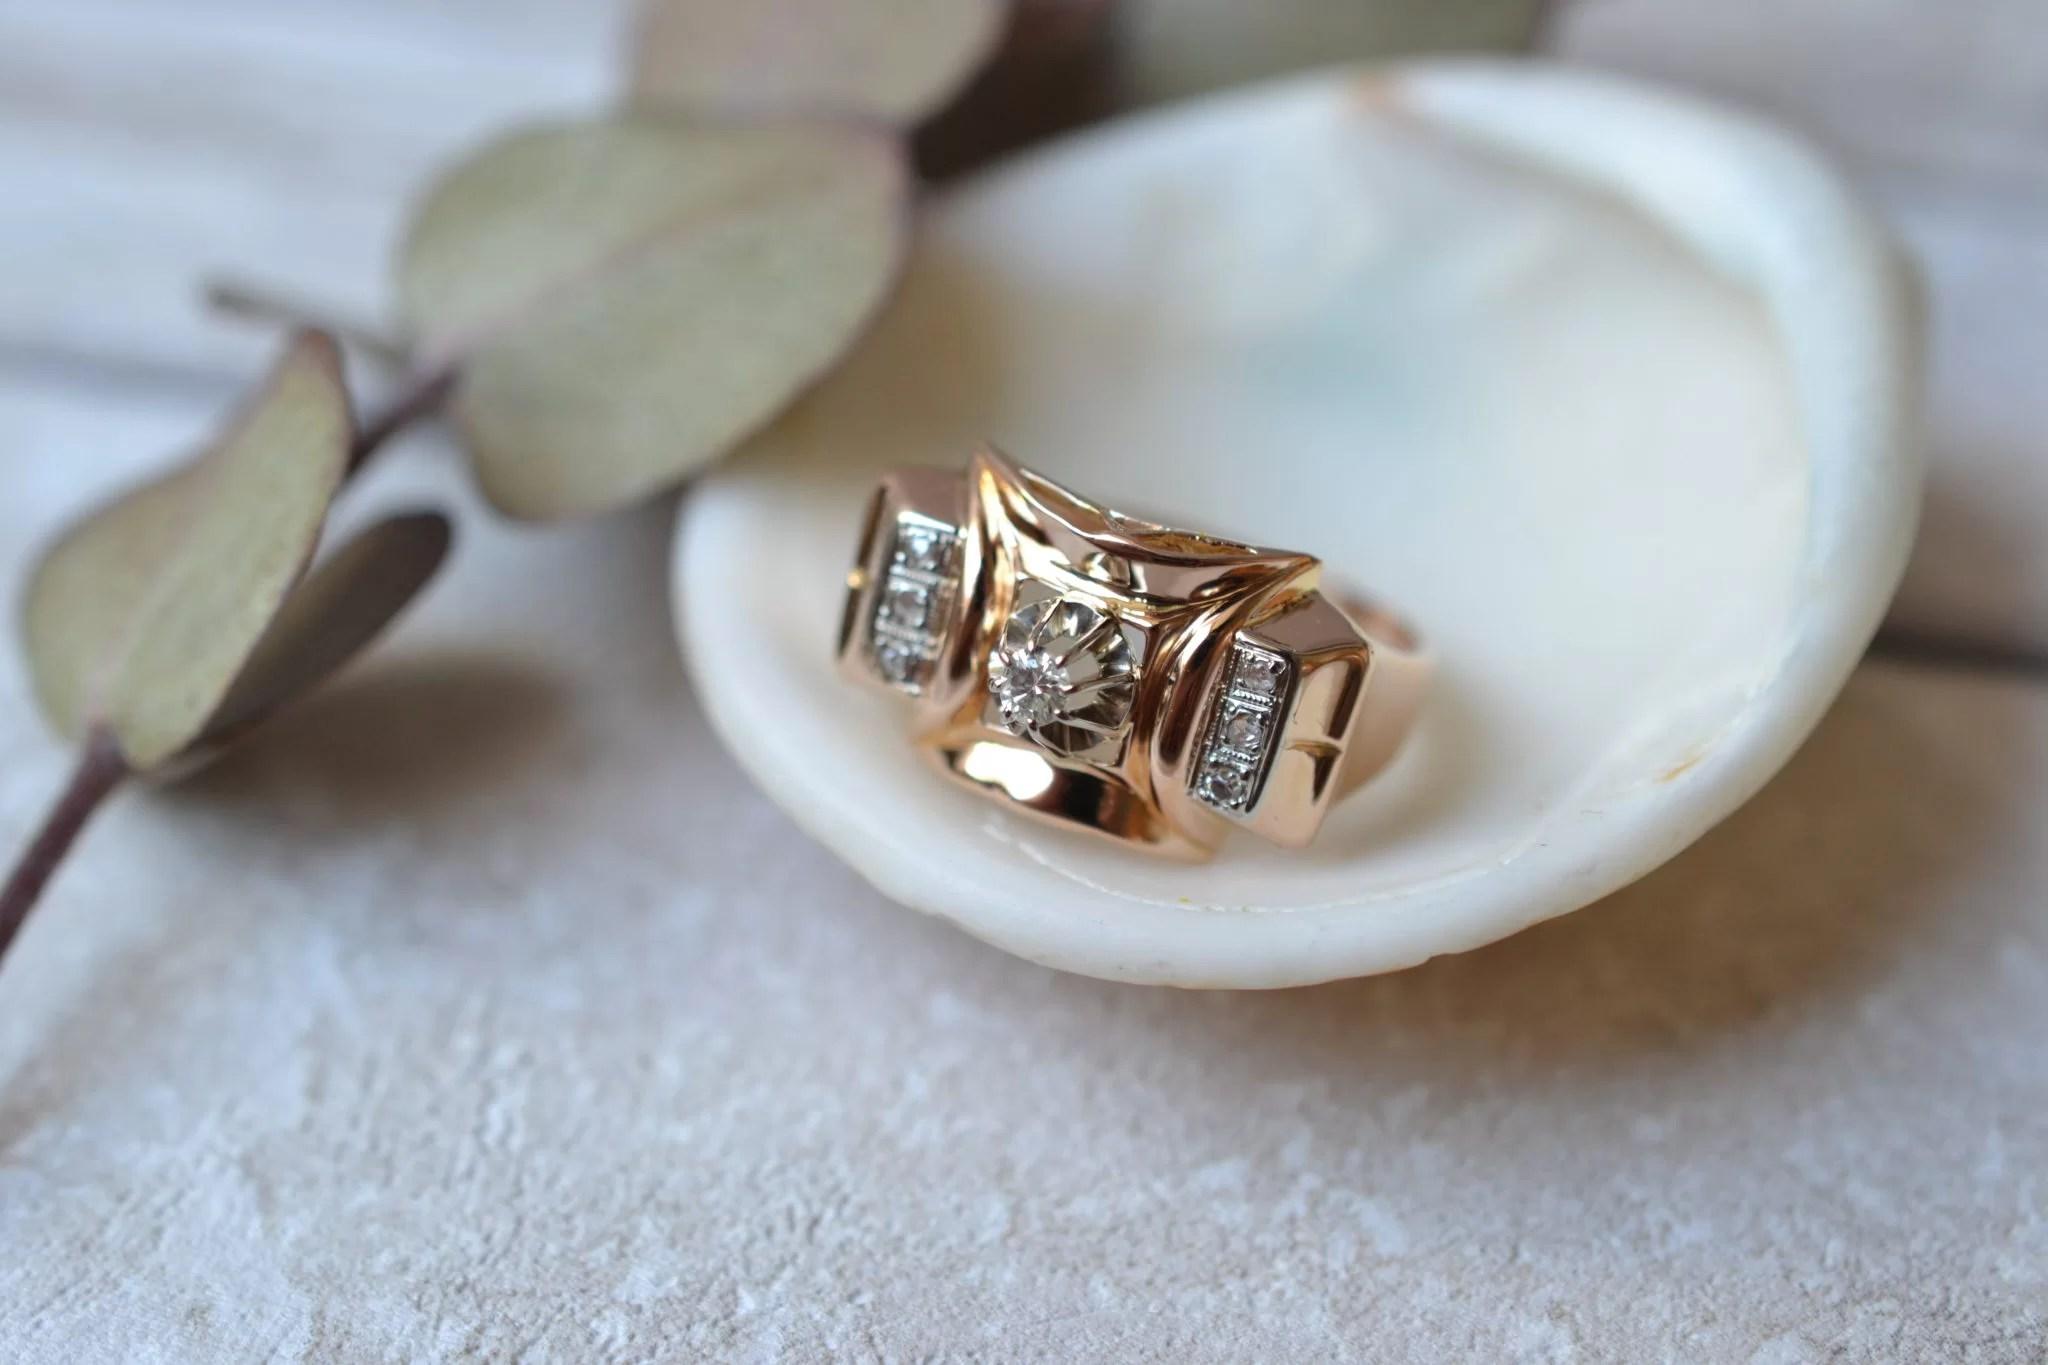 Bague en Or jaune style Tank ornée d_un diamant central, épaulé de deux bandes de diamants - bague ancienne